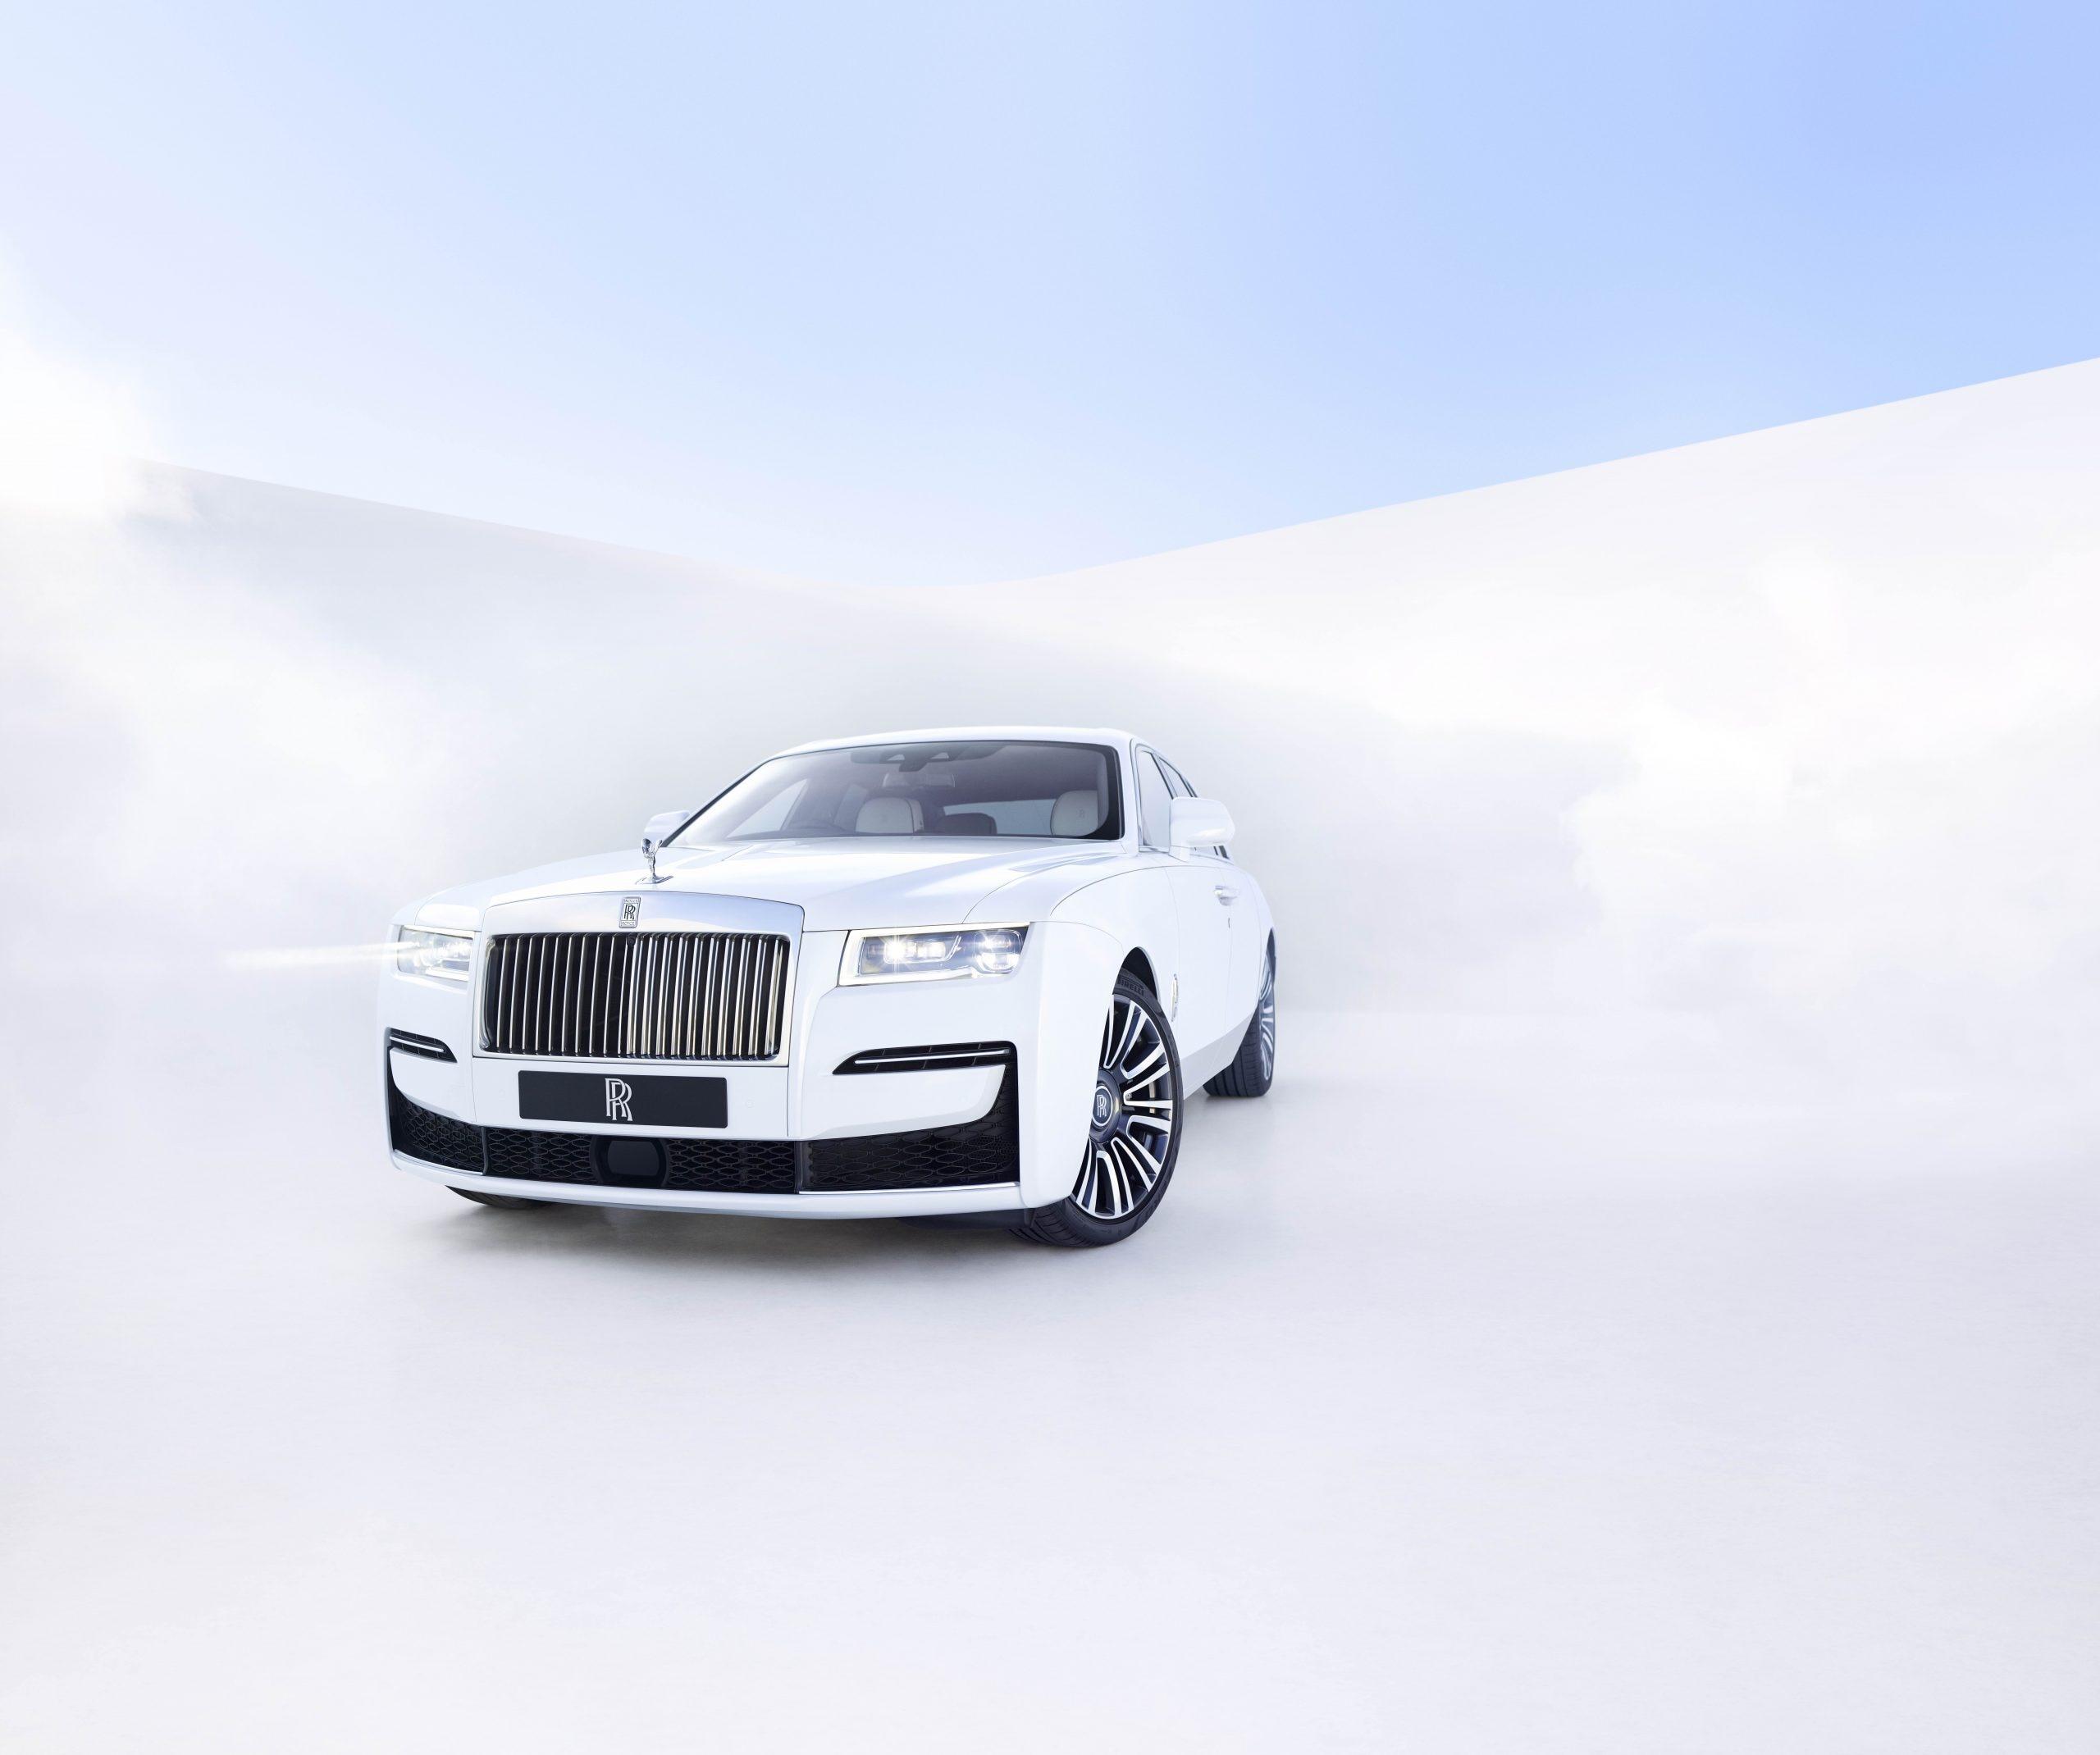 10 Hal Menarik Perlu Diketahui Dari Rolls-Royce New Ghost